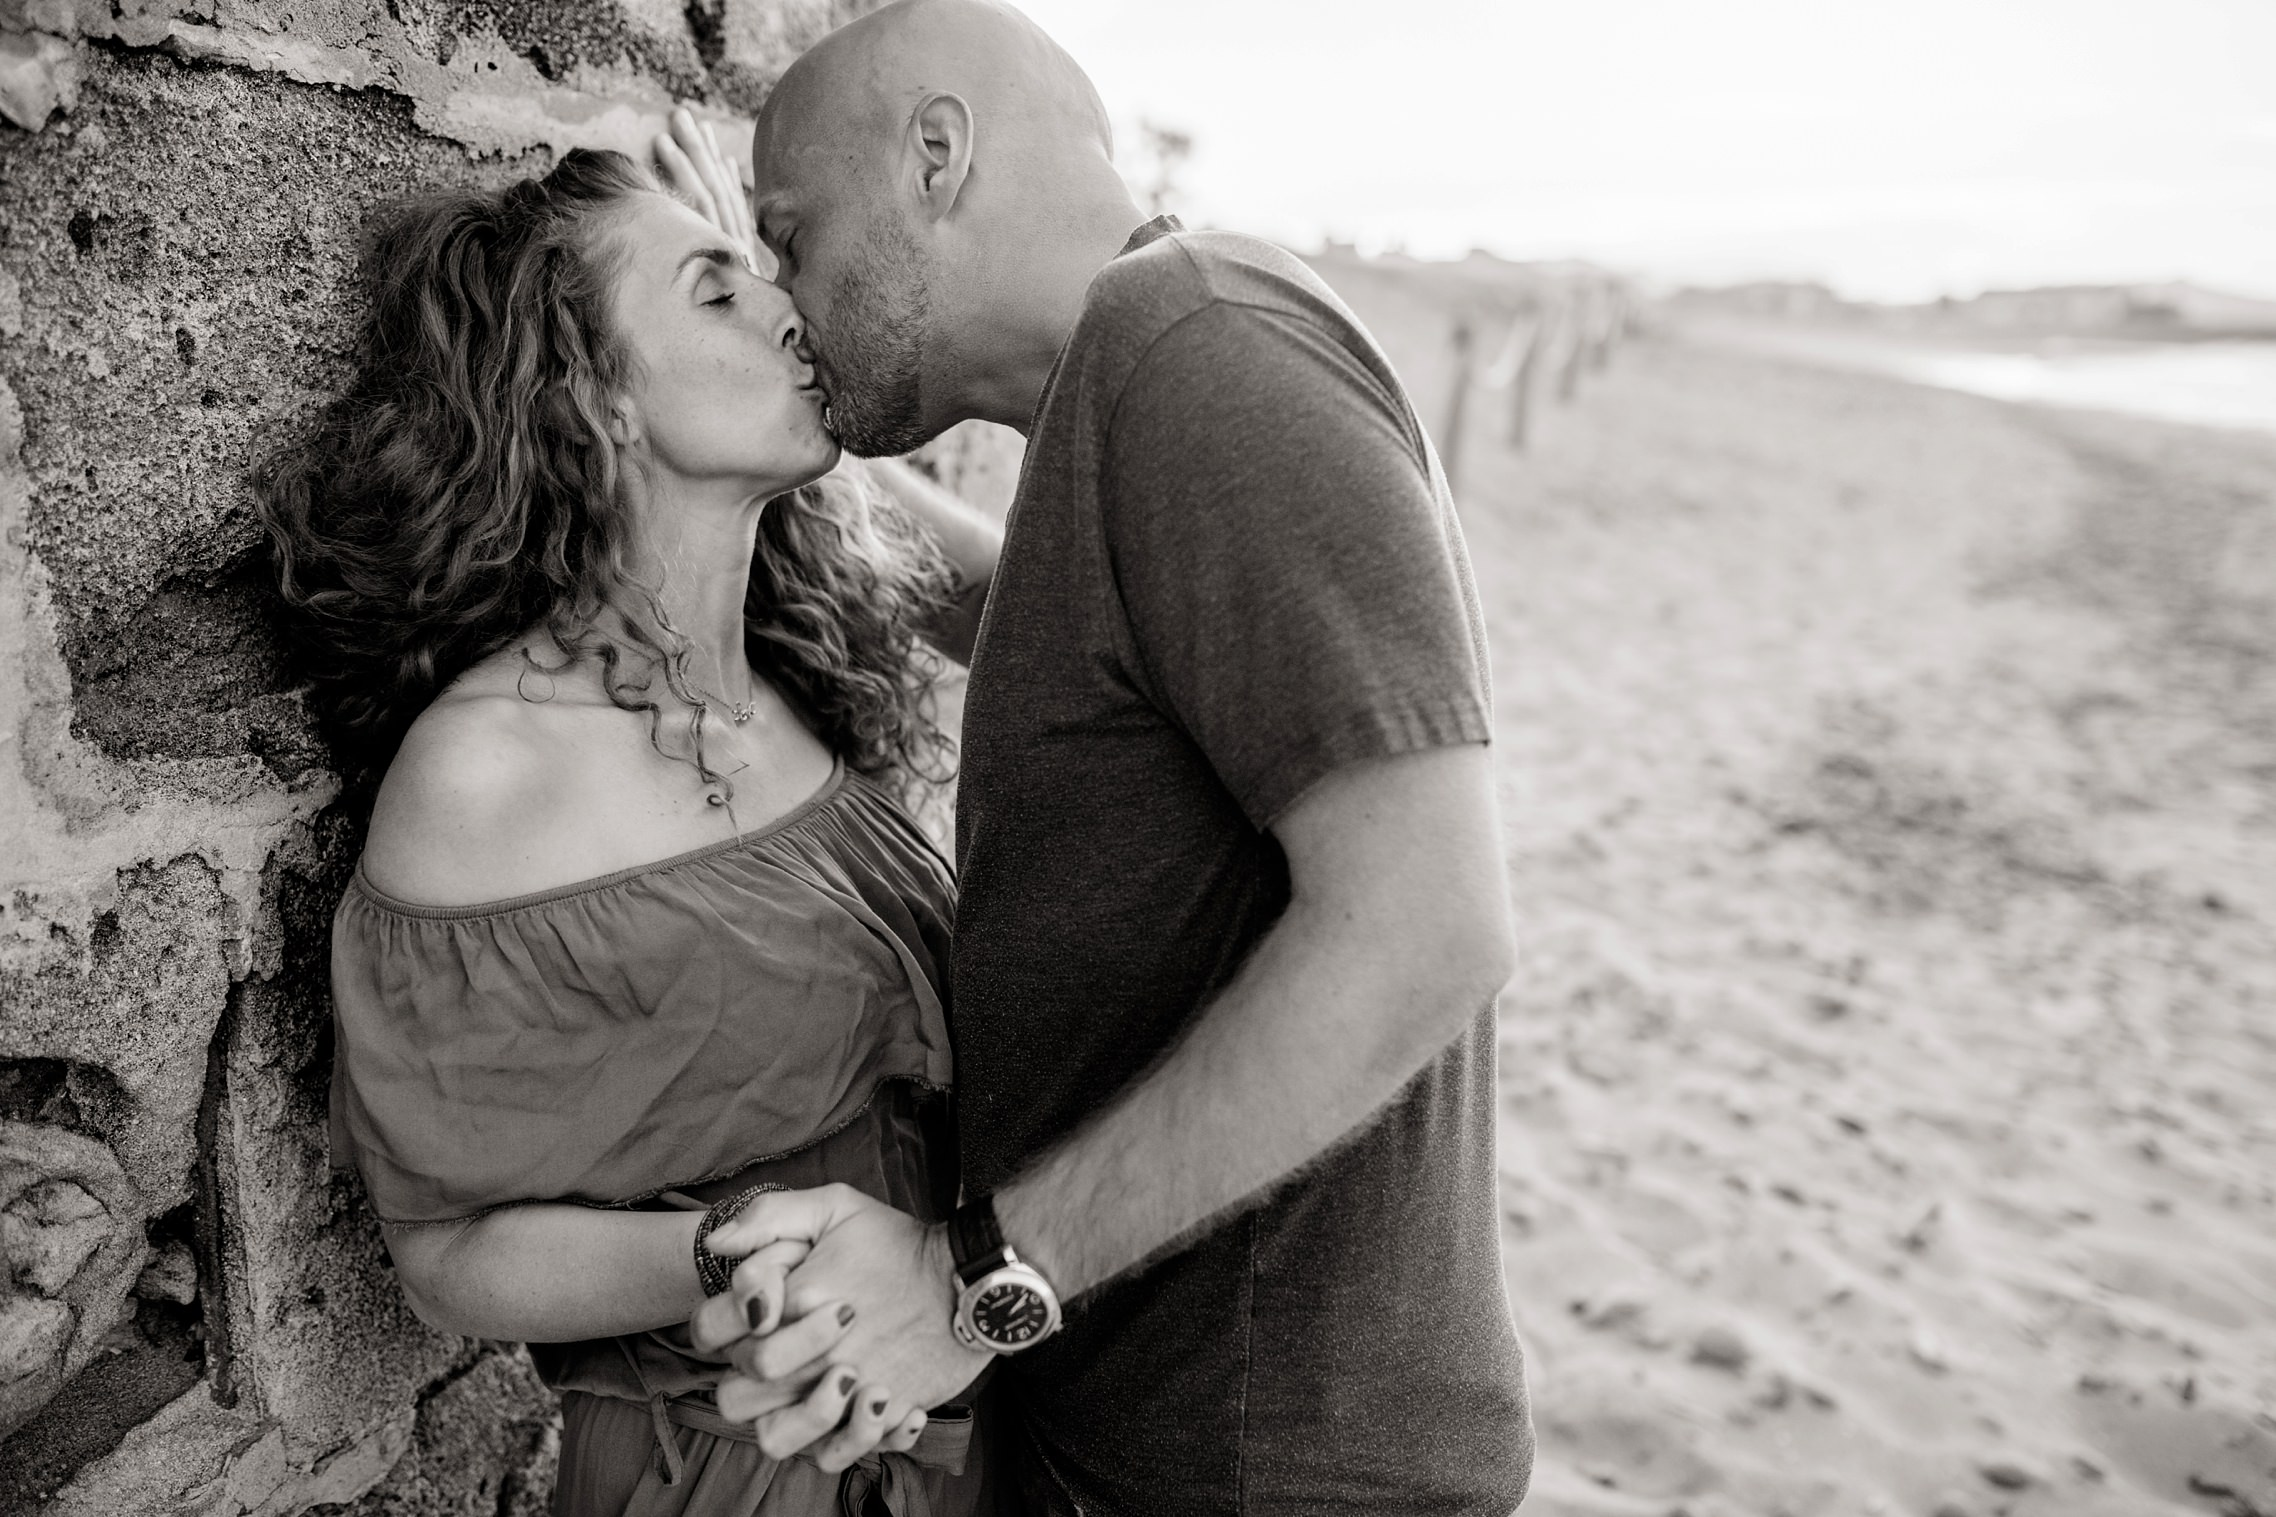 Verliebtes Paar am Strand von Son Serra de Marina auf Mallorca kurz nach Sonnenuntergang in schwarzweiß